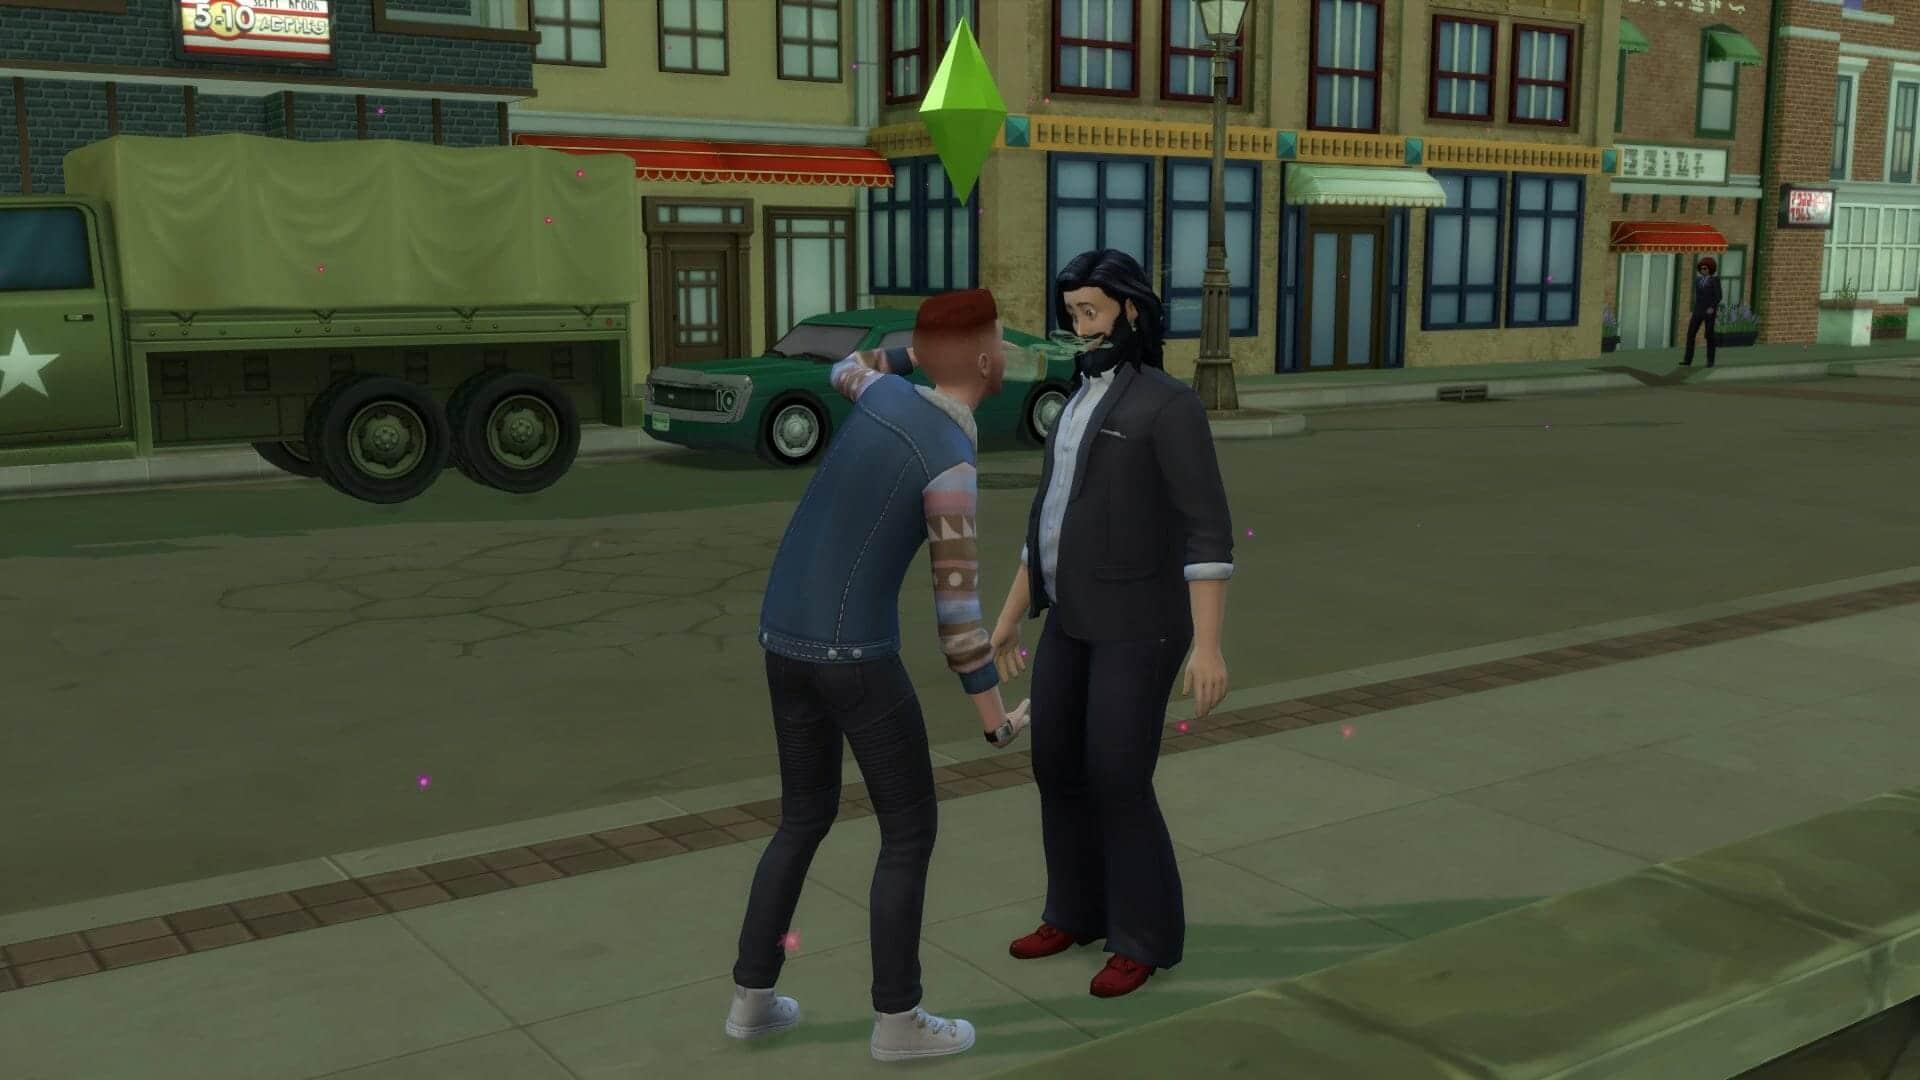 Folie sims 4 stranger ville